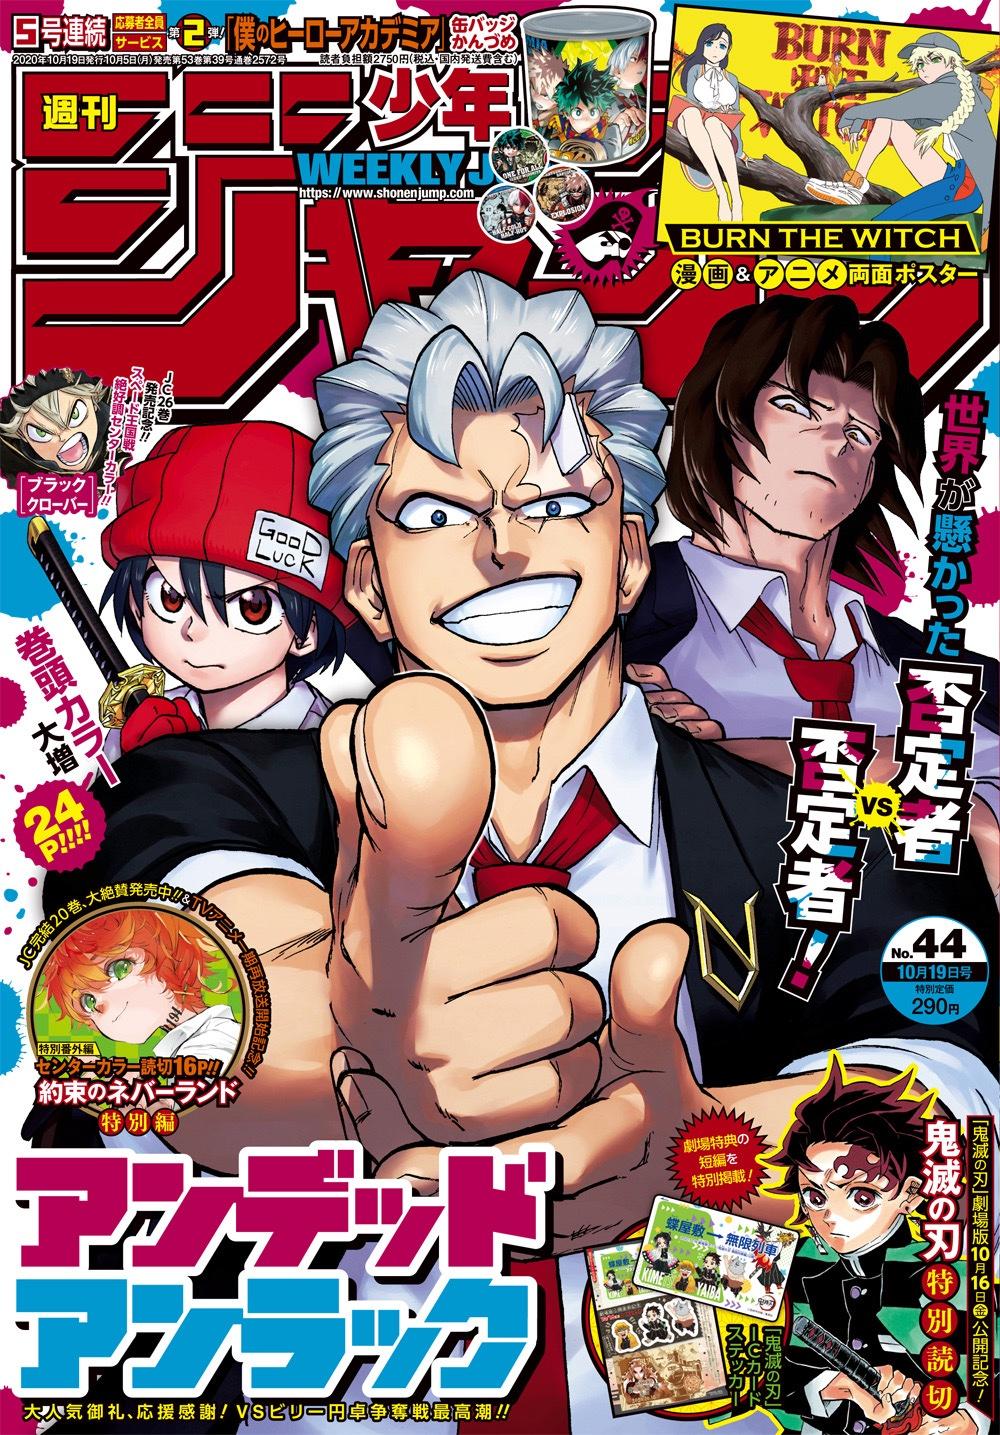 週刊少年ジャンプ 2020年44号 [Weekly Shonen Jump 2020 No.44+RAR]